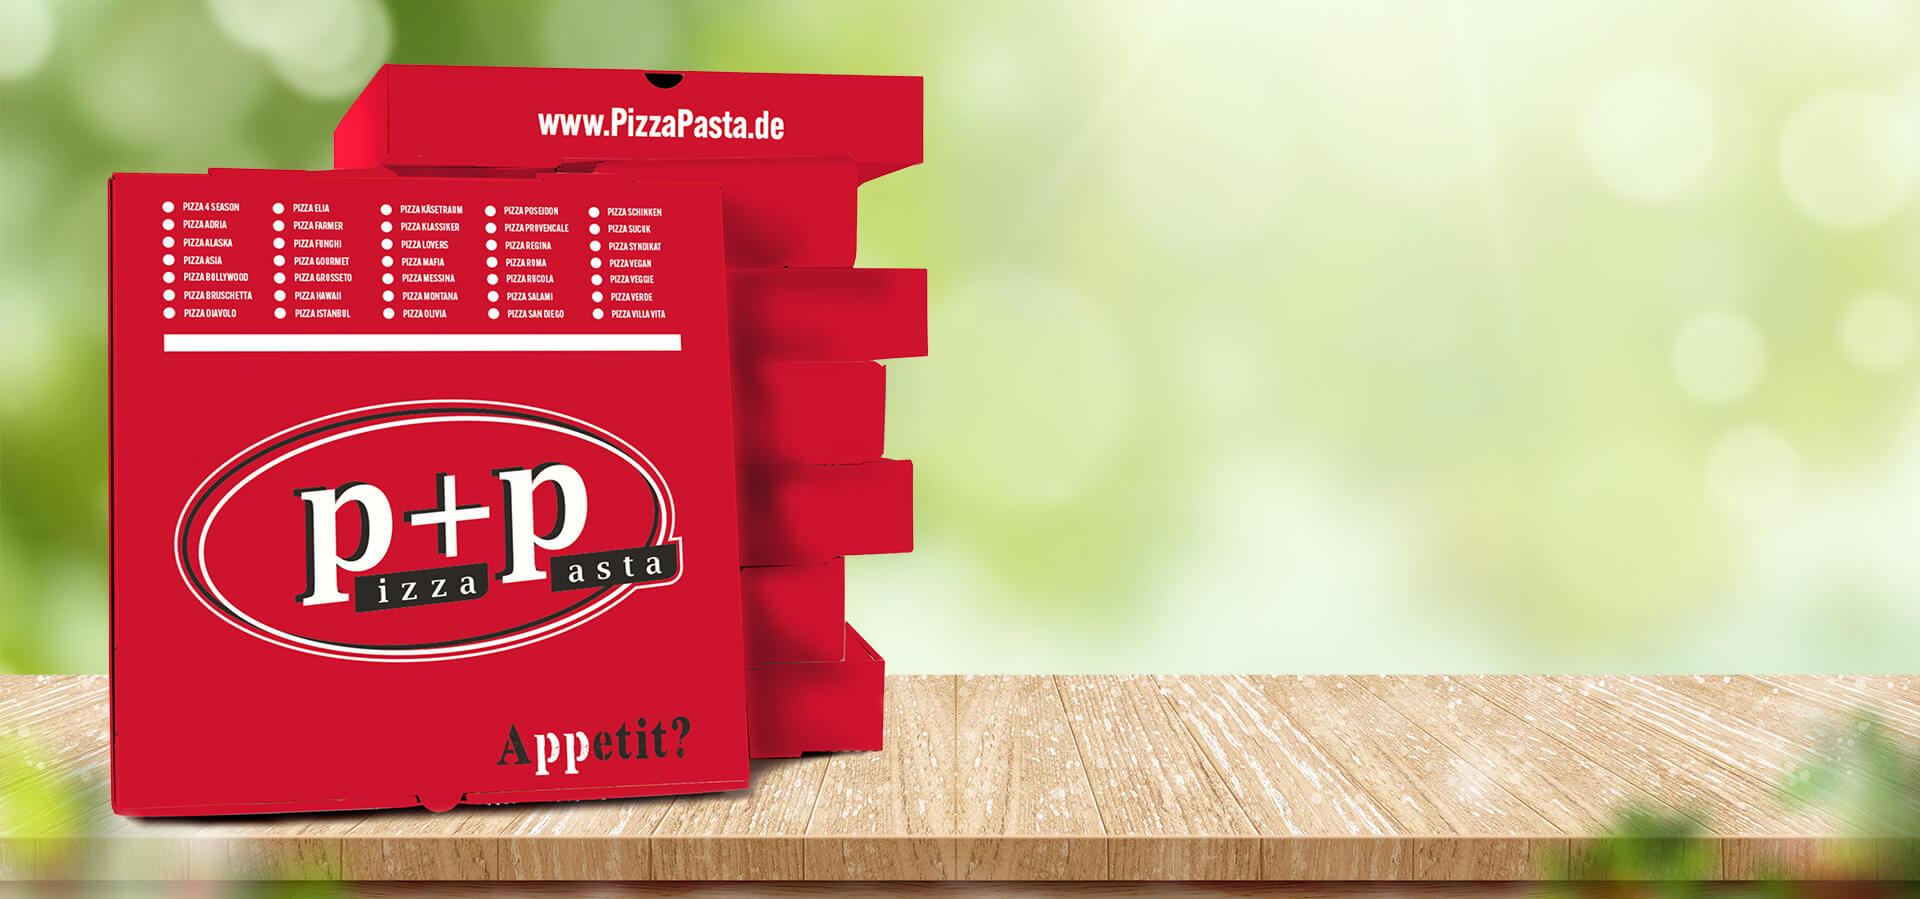 Pizza Pasta_Umweltfreundlich